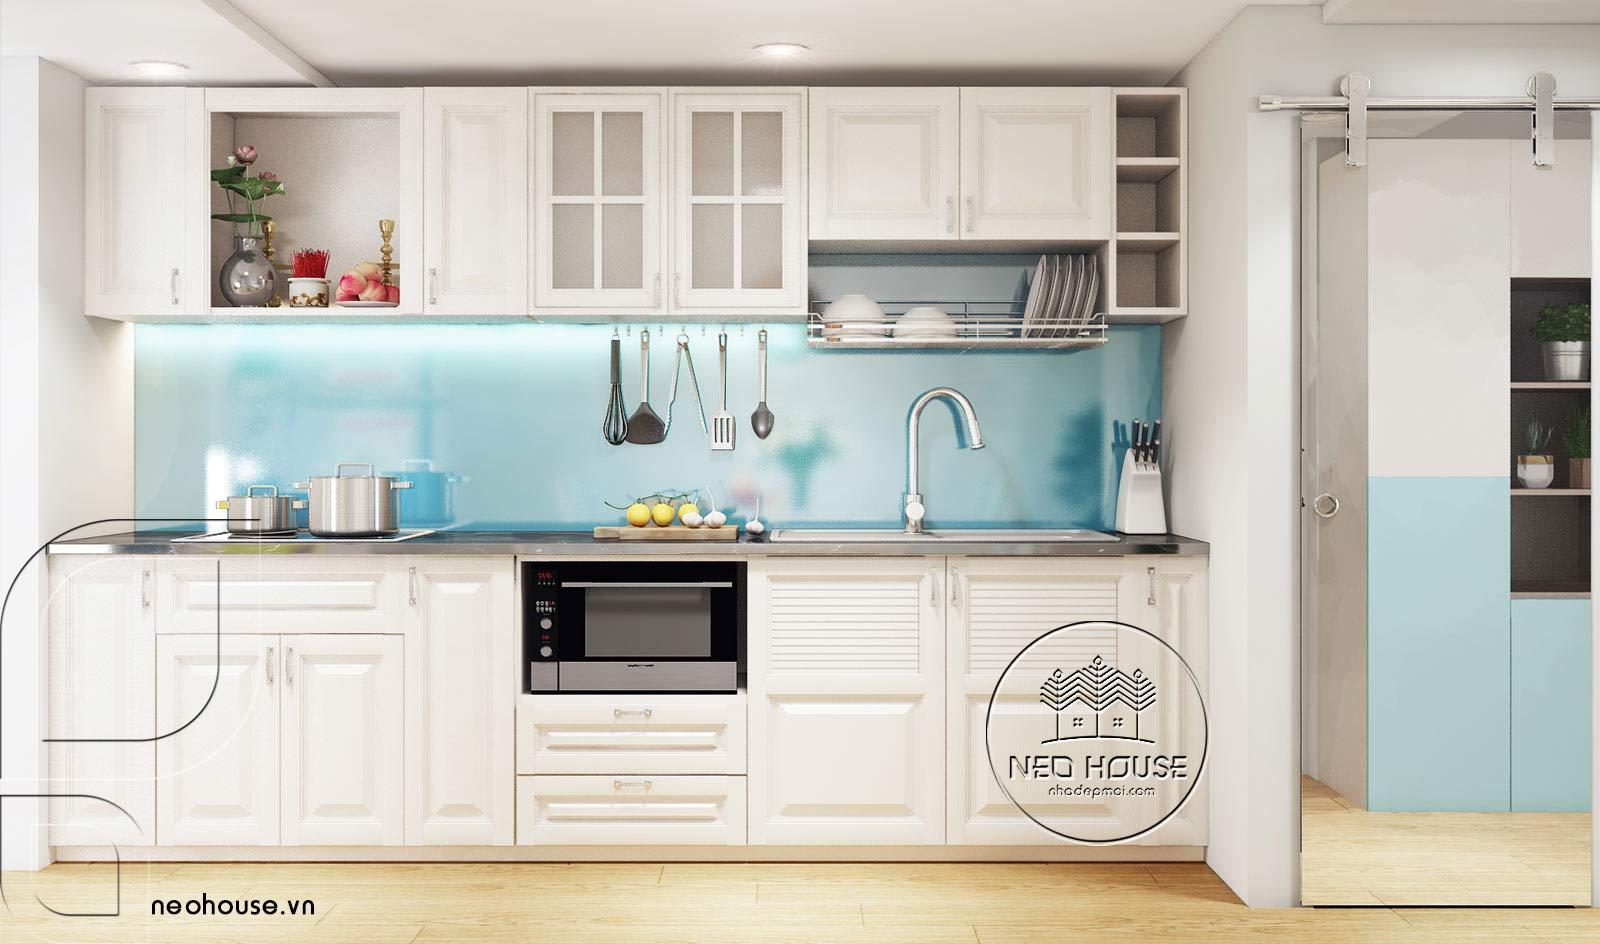 Thiết kế nhà bếp đẹp 5